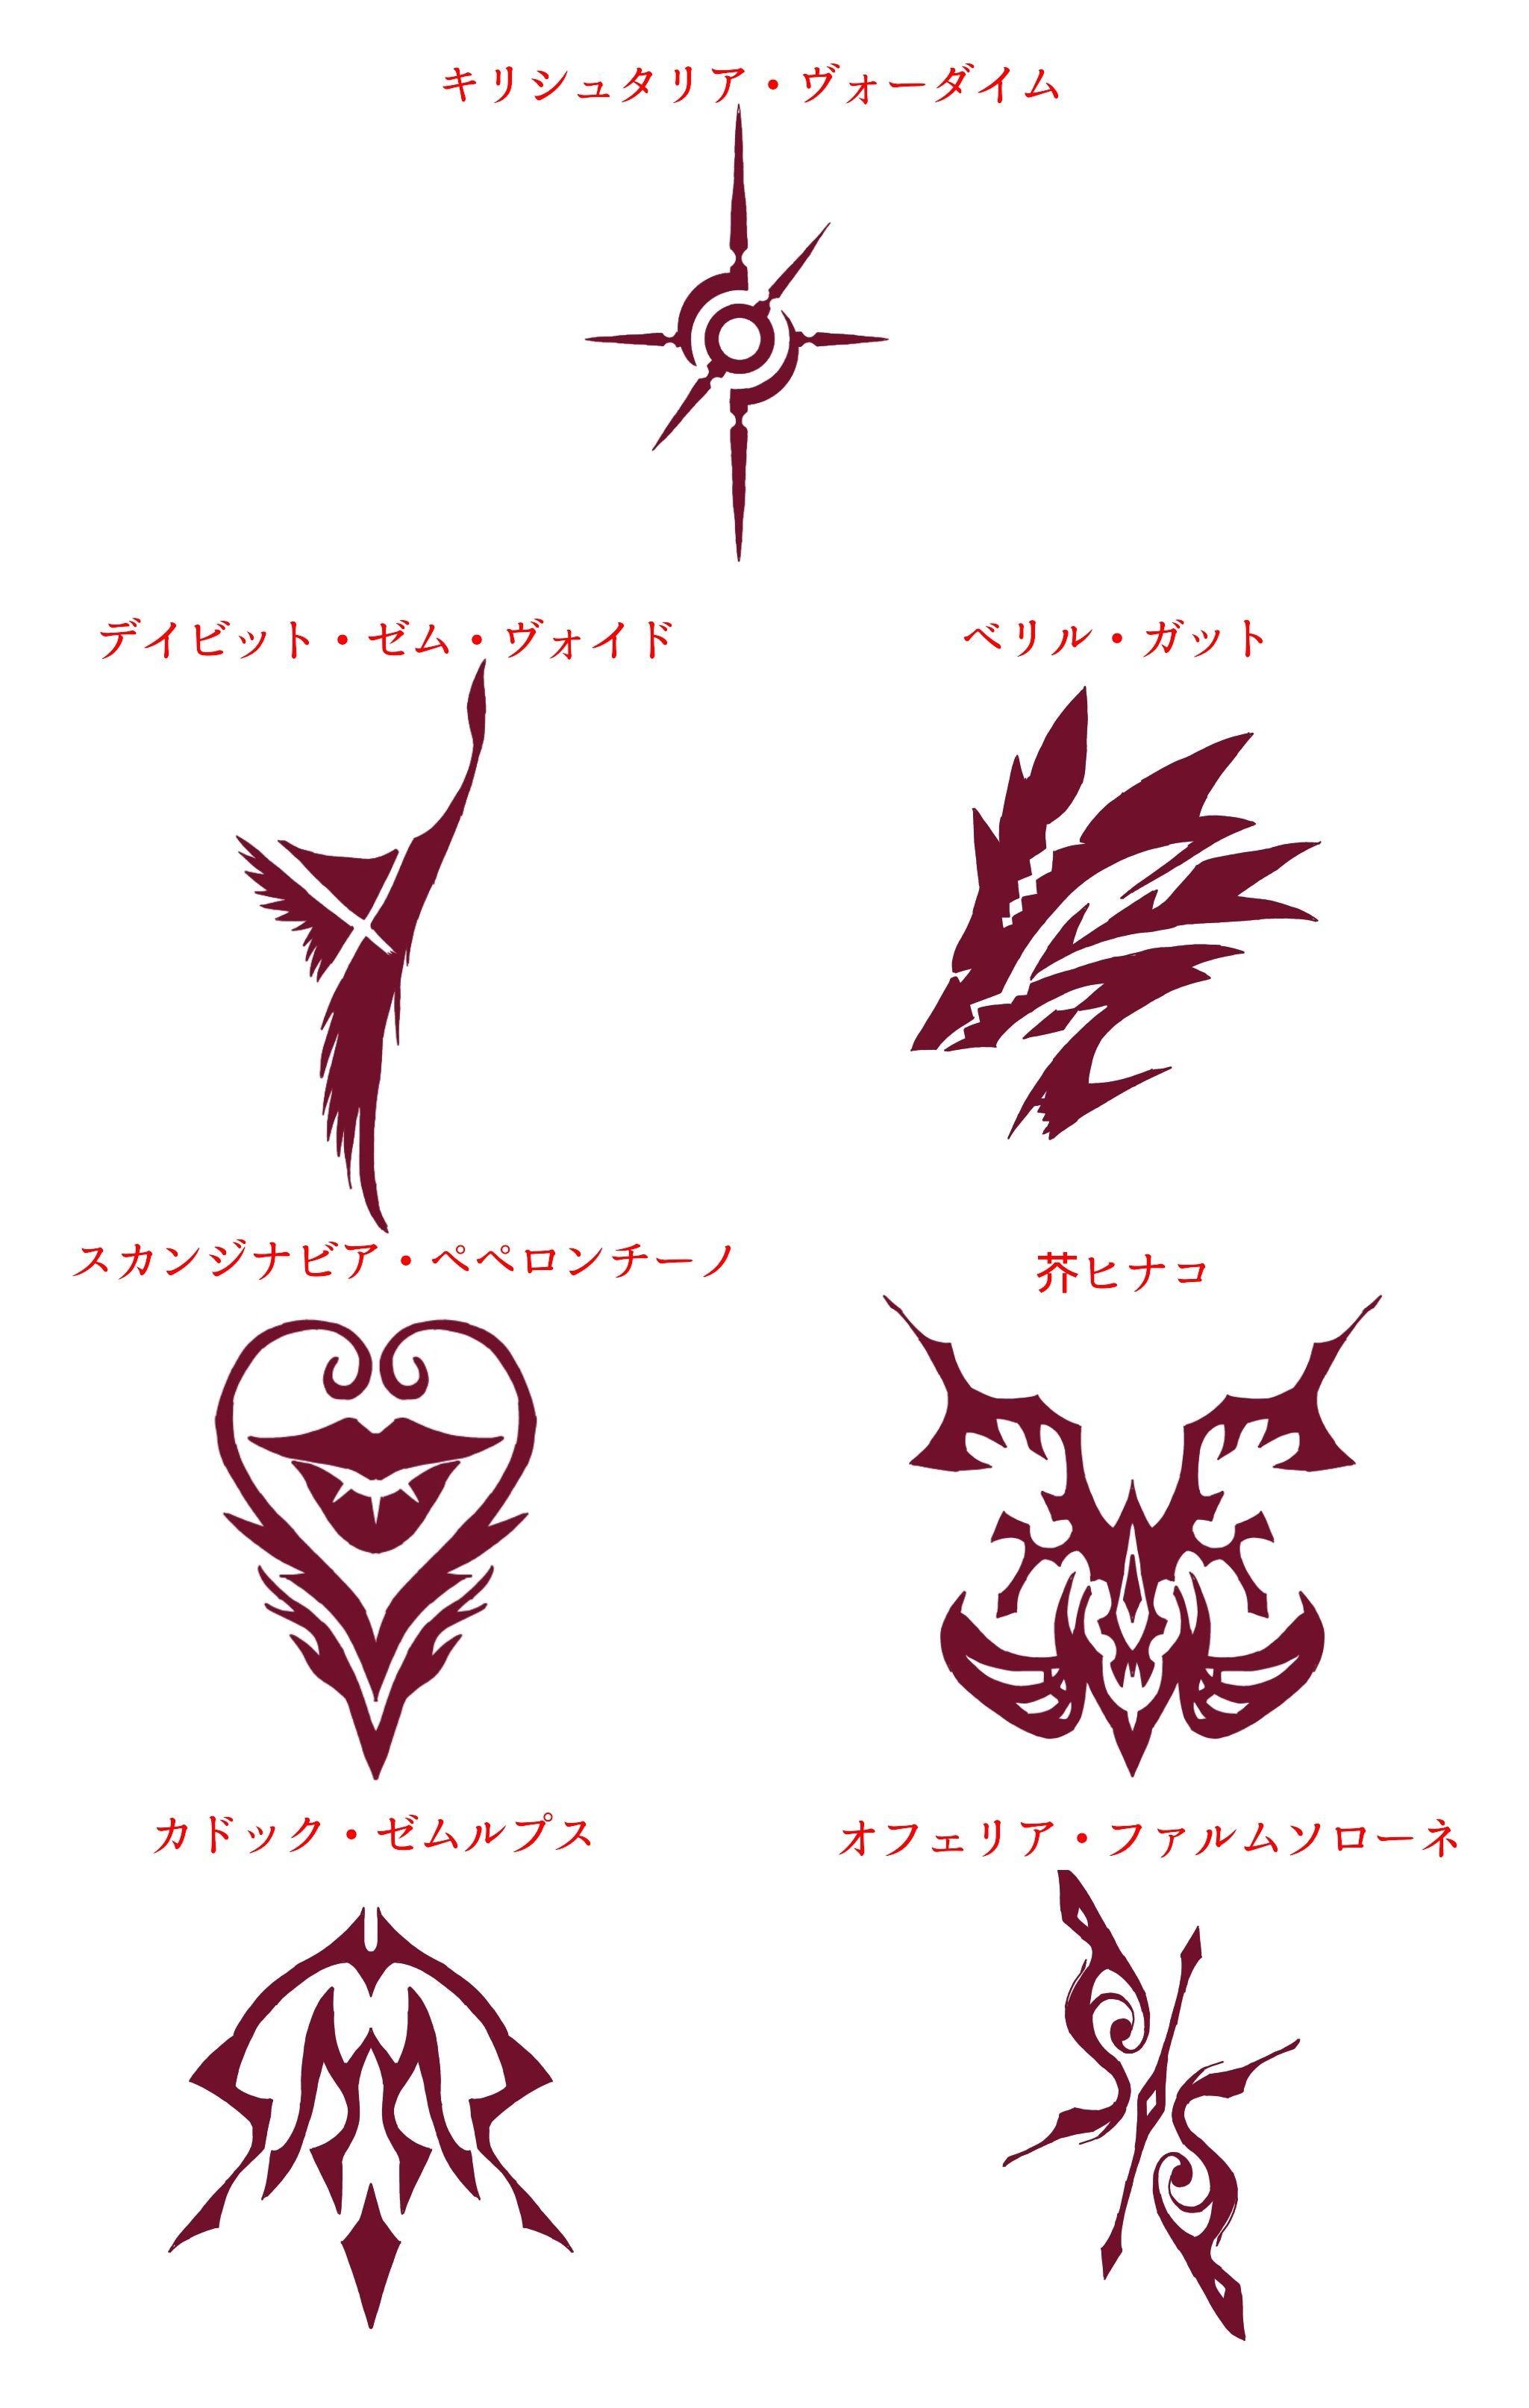 Fgo 2部aチームの令呪デザインまとめ カドックの平凡さとペペロンチーノの不気味さが目立つ Fgoまとめ速報 カドック デザイン 紋章